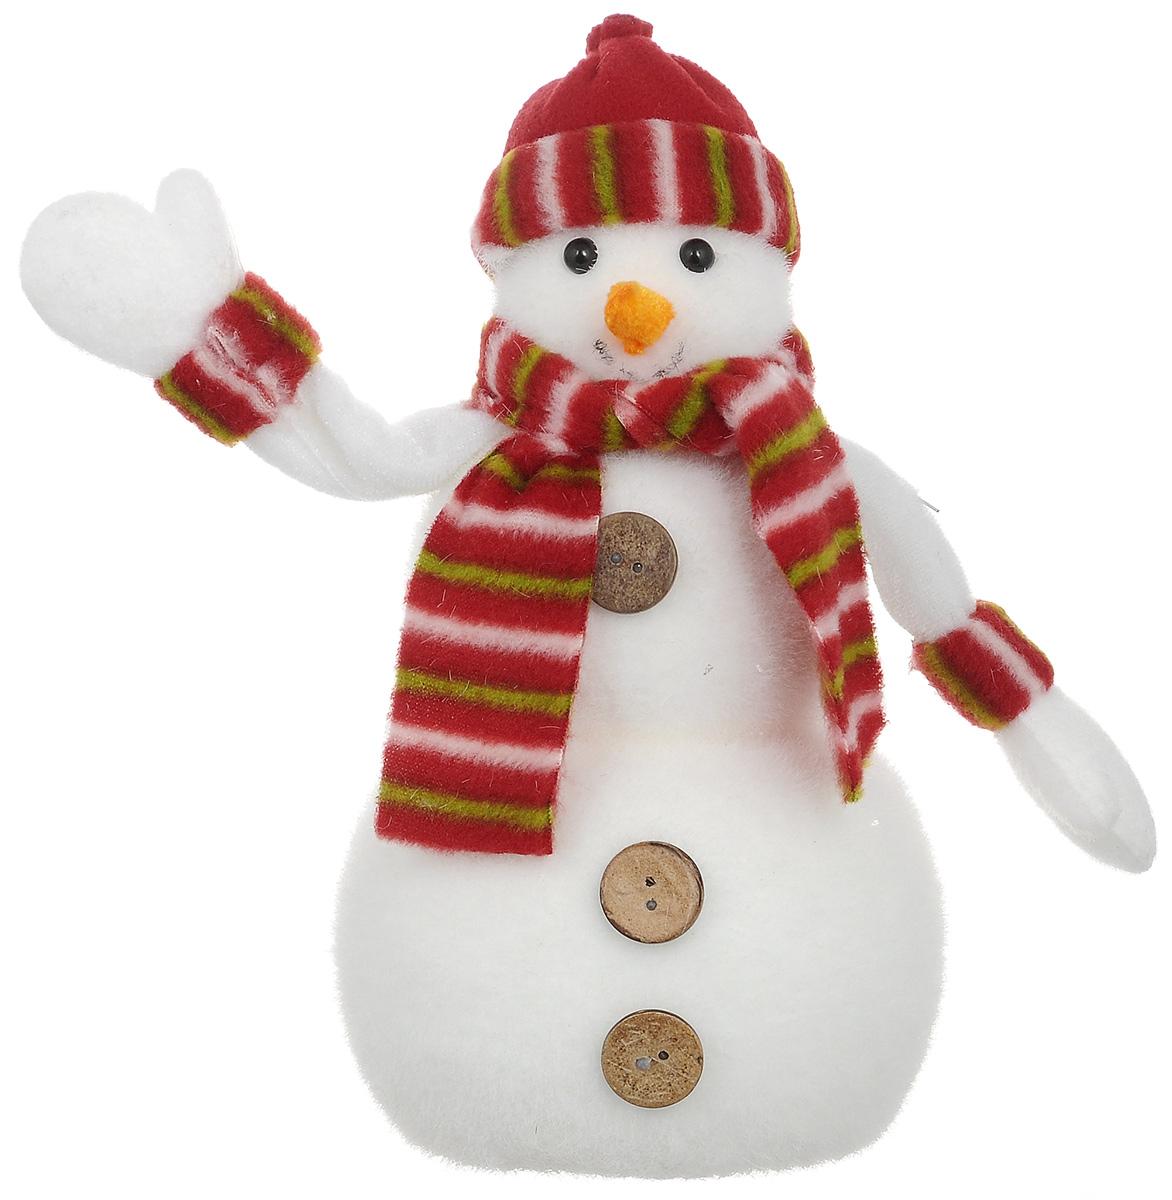 Фигура декоративная Its a Happy Day Снеговик в полосатом шарфике, высота 25 см19201Новогодняя декоративная фигурка Снеговик в полосатом шарфике прекрасно подойдет для праздничного оформления Вашего дома. Сувенир выполнен из пенопласта и искусственного волокна в виде забавного снеговика. Такая фигурка украсит интерьер вашего дома или офиса в преддверии Нового года. Оригинальный дизайн и красочное исполнение создадут праздничное настроение. Кроме того, это отличный вариант подарка для ваших близких и друзей.